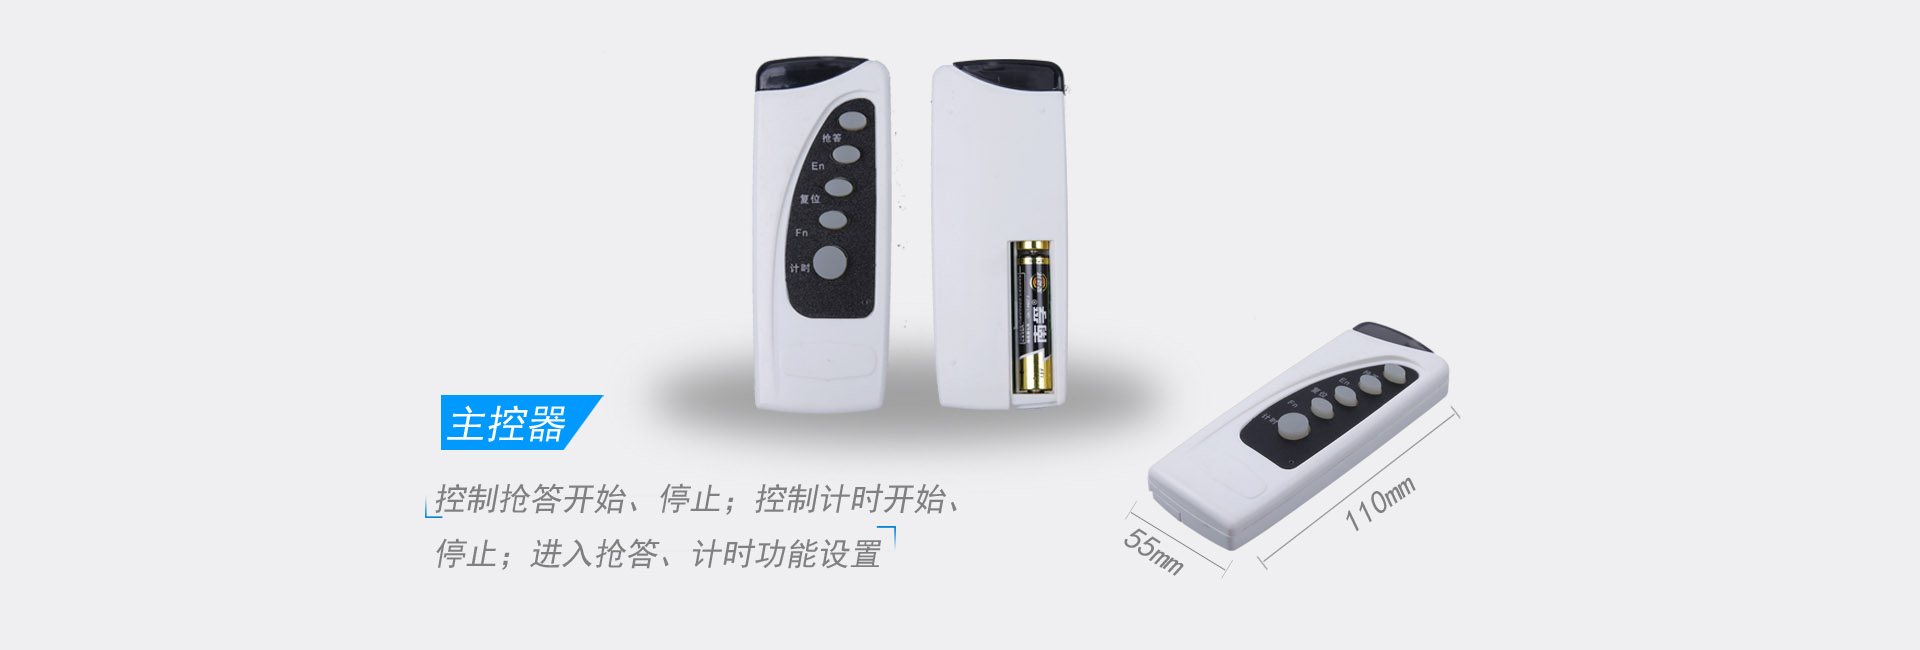 Product_zhukongqi1.jpg